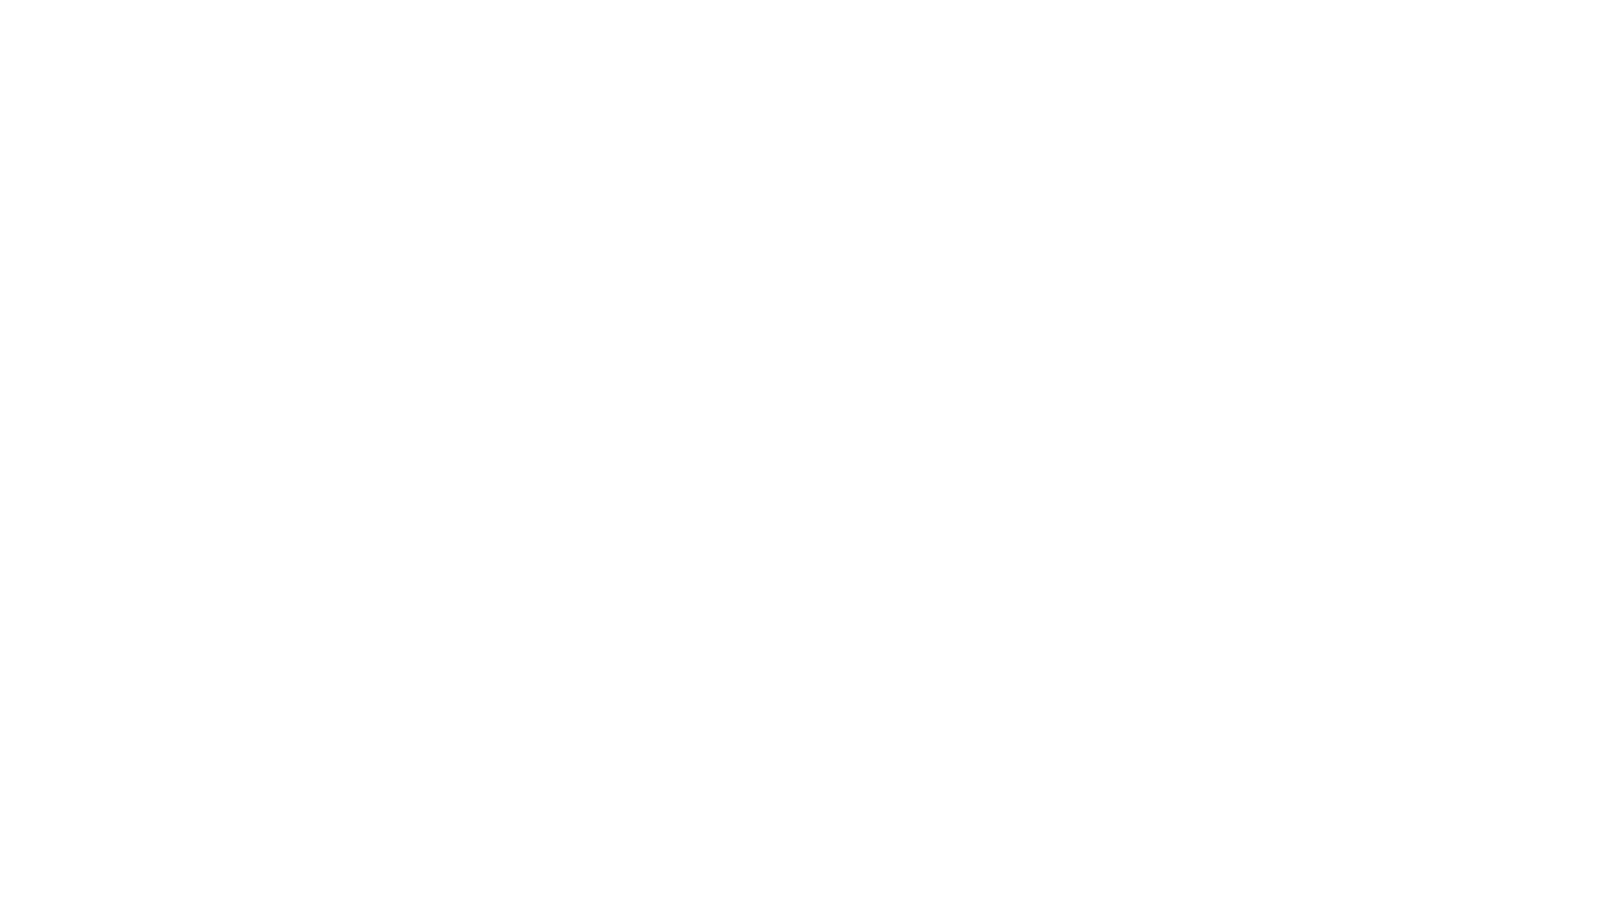 Departemen KSHE yang diamanatkan oleh Kementrian Riset Teknologi dan Pendidikan Tinggi melalui IPB untuk menjawab tantangan ilmu pengetahuan, teknologi, dan sumberdaya manusia yang unggul dalam mengelola sumberdaya alam dan lingkungan hidup, serta untuk mempromosikan kesejahteraan dan kecerdasan masyarakat berdasarkan Pancasila (Filosofi Negara).